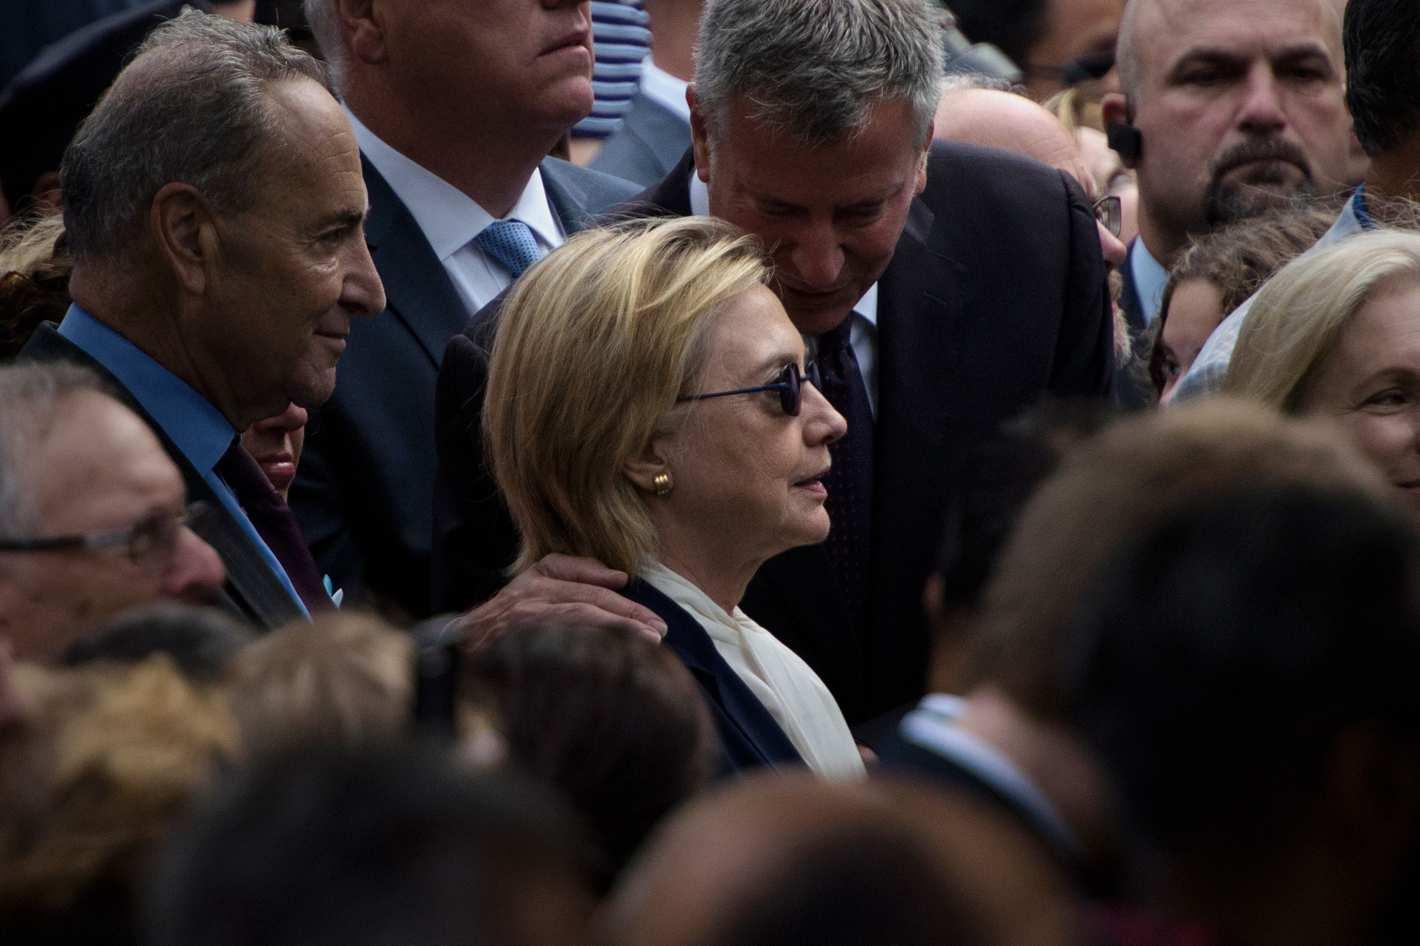 Bị tố không đủ sức khỏe, bà Clinton vẫn phớt lời bác sĩ - 1